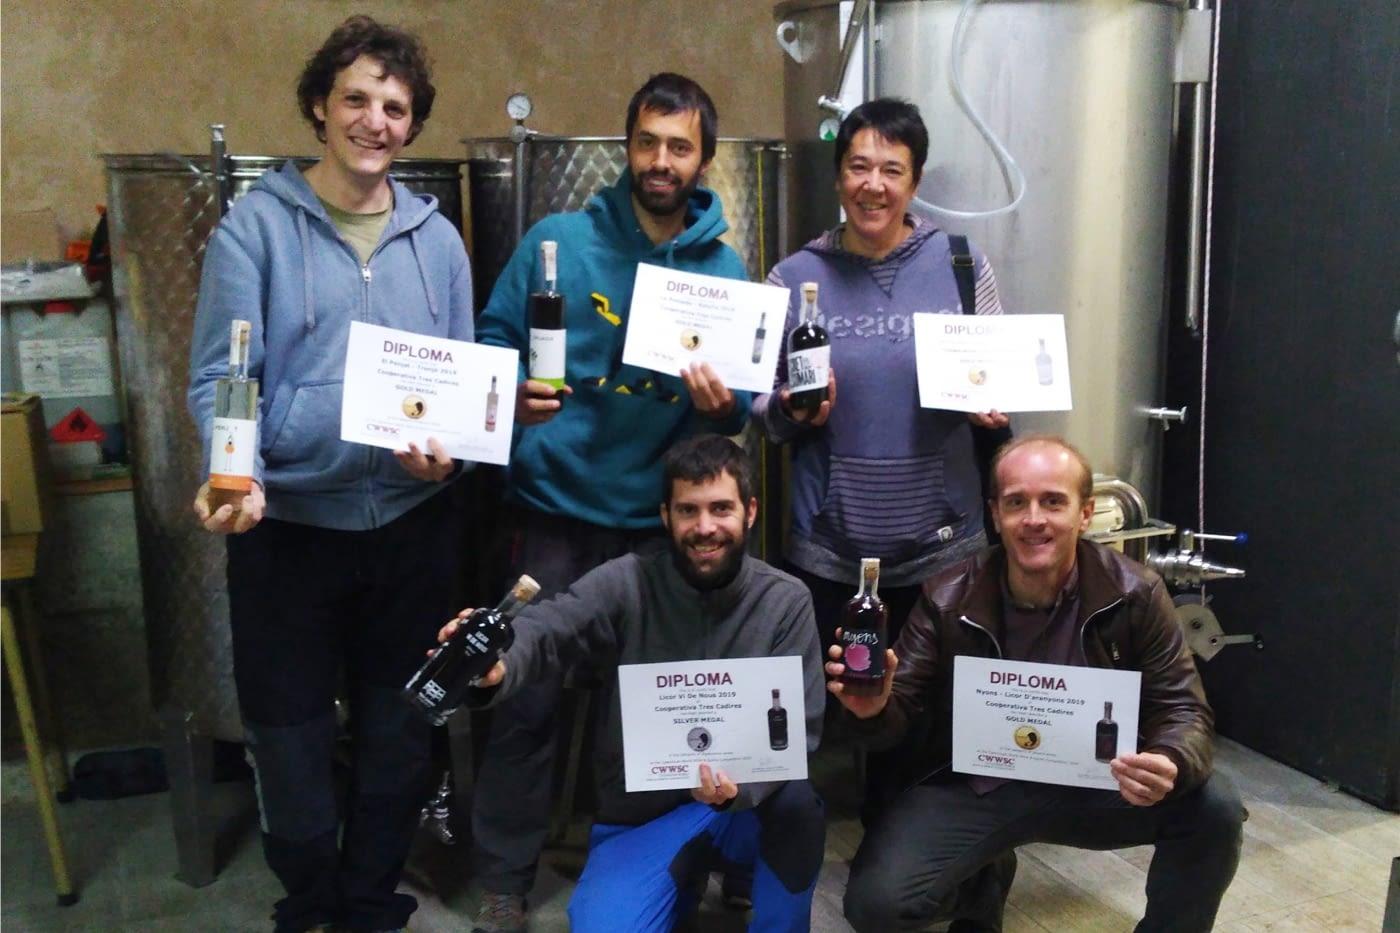 L'Obrador Compartit de Ponent (Arbeca) obté medalla al Catavinium World Wine & Spirits Competition per als cinc licors que s'hi produeixen